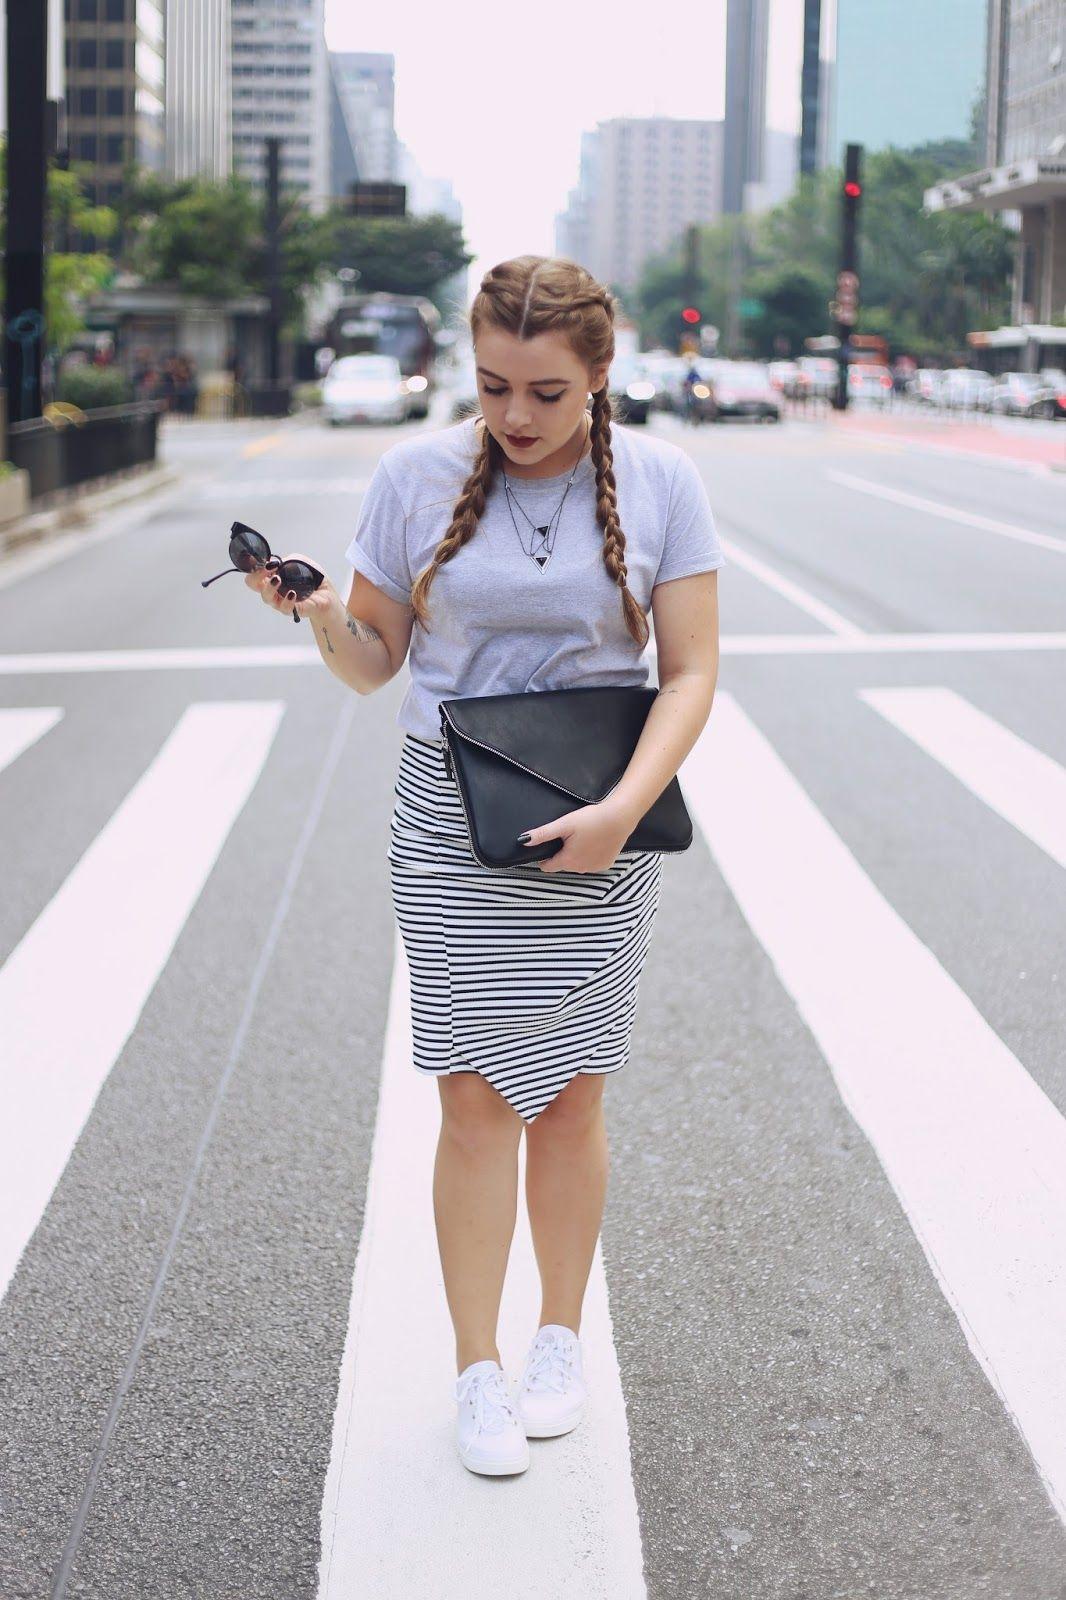 03119bca29a9 Look Minimalista com Saia Lápis Listrada, Tênis Branco da Petite Jolie. As  fotos foram feitas na linda Avenida Paulista e o principal foco do look é  ser ...